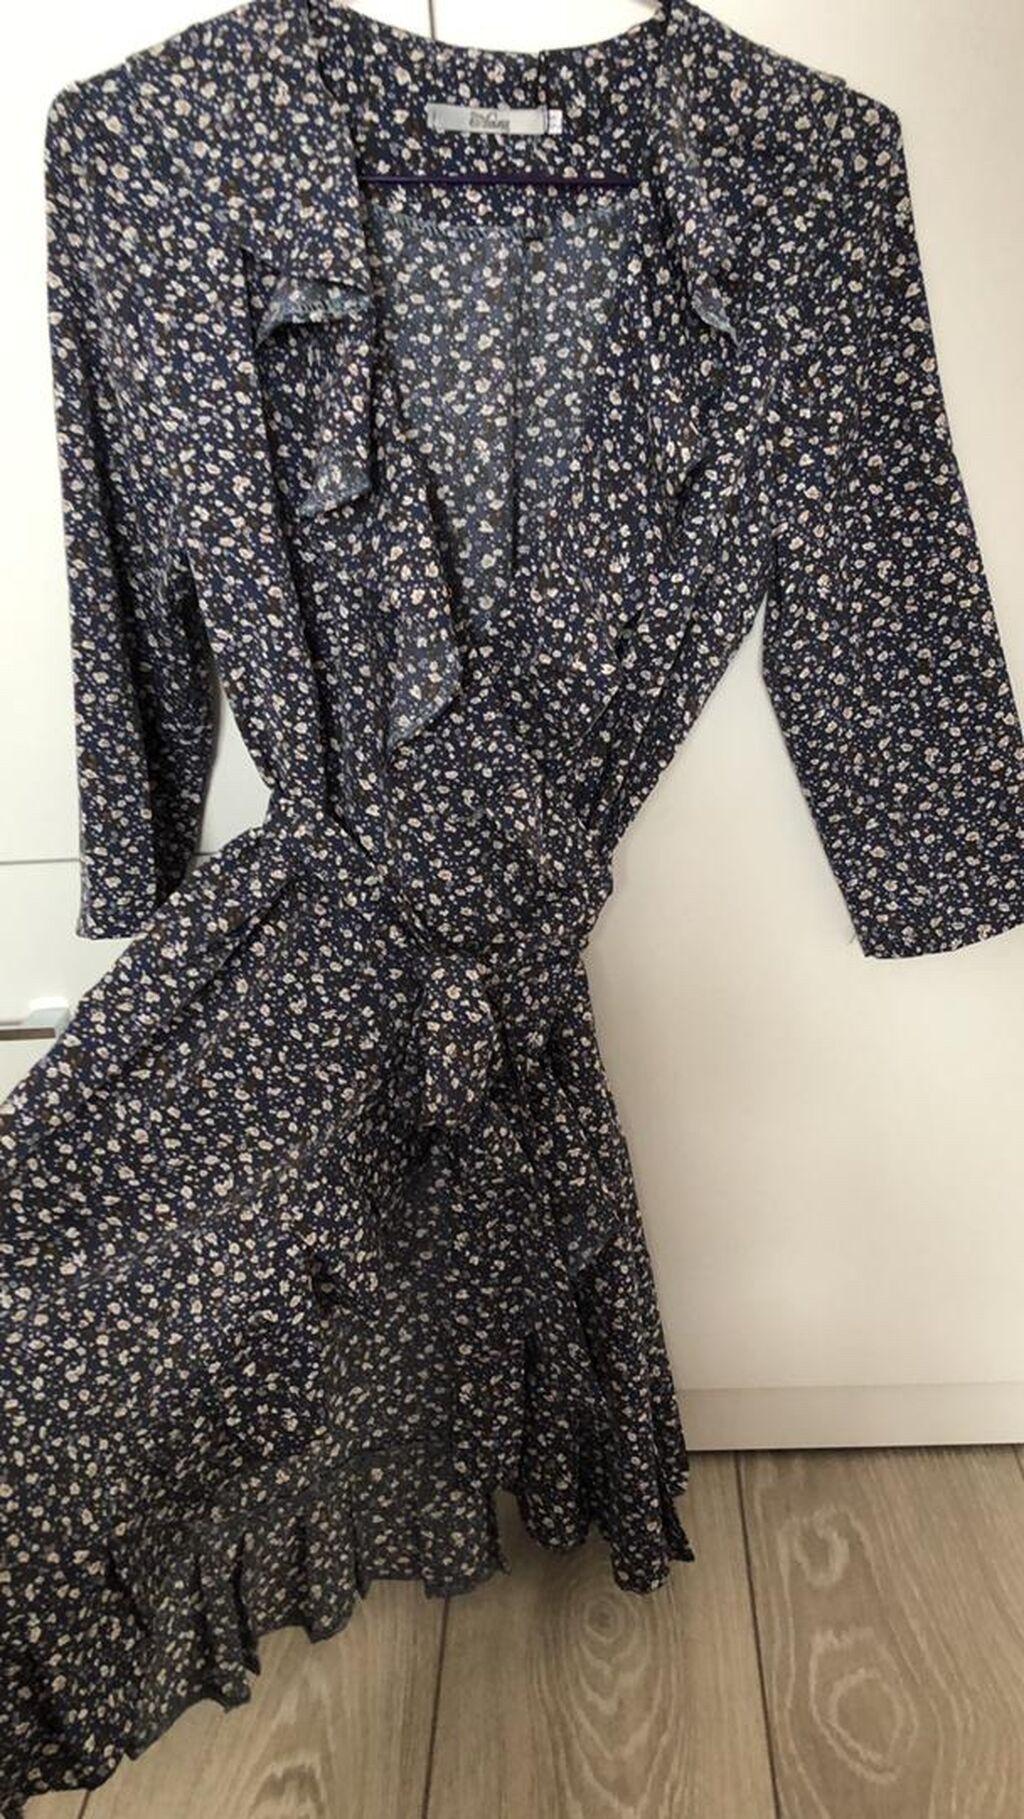 Шифоновое платье хорошего качества . Размеры есть . Абсолютно Новые: Шифоновое платье , хорошего качества . Размеры есть . Абсолютно Новые.